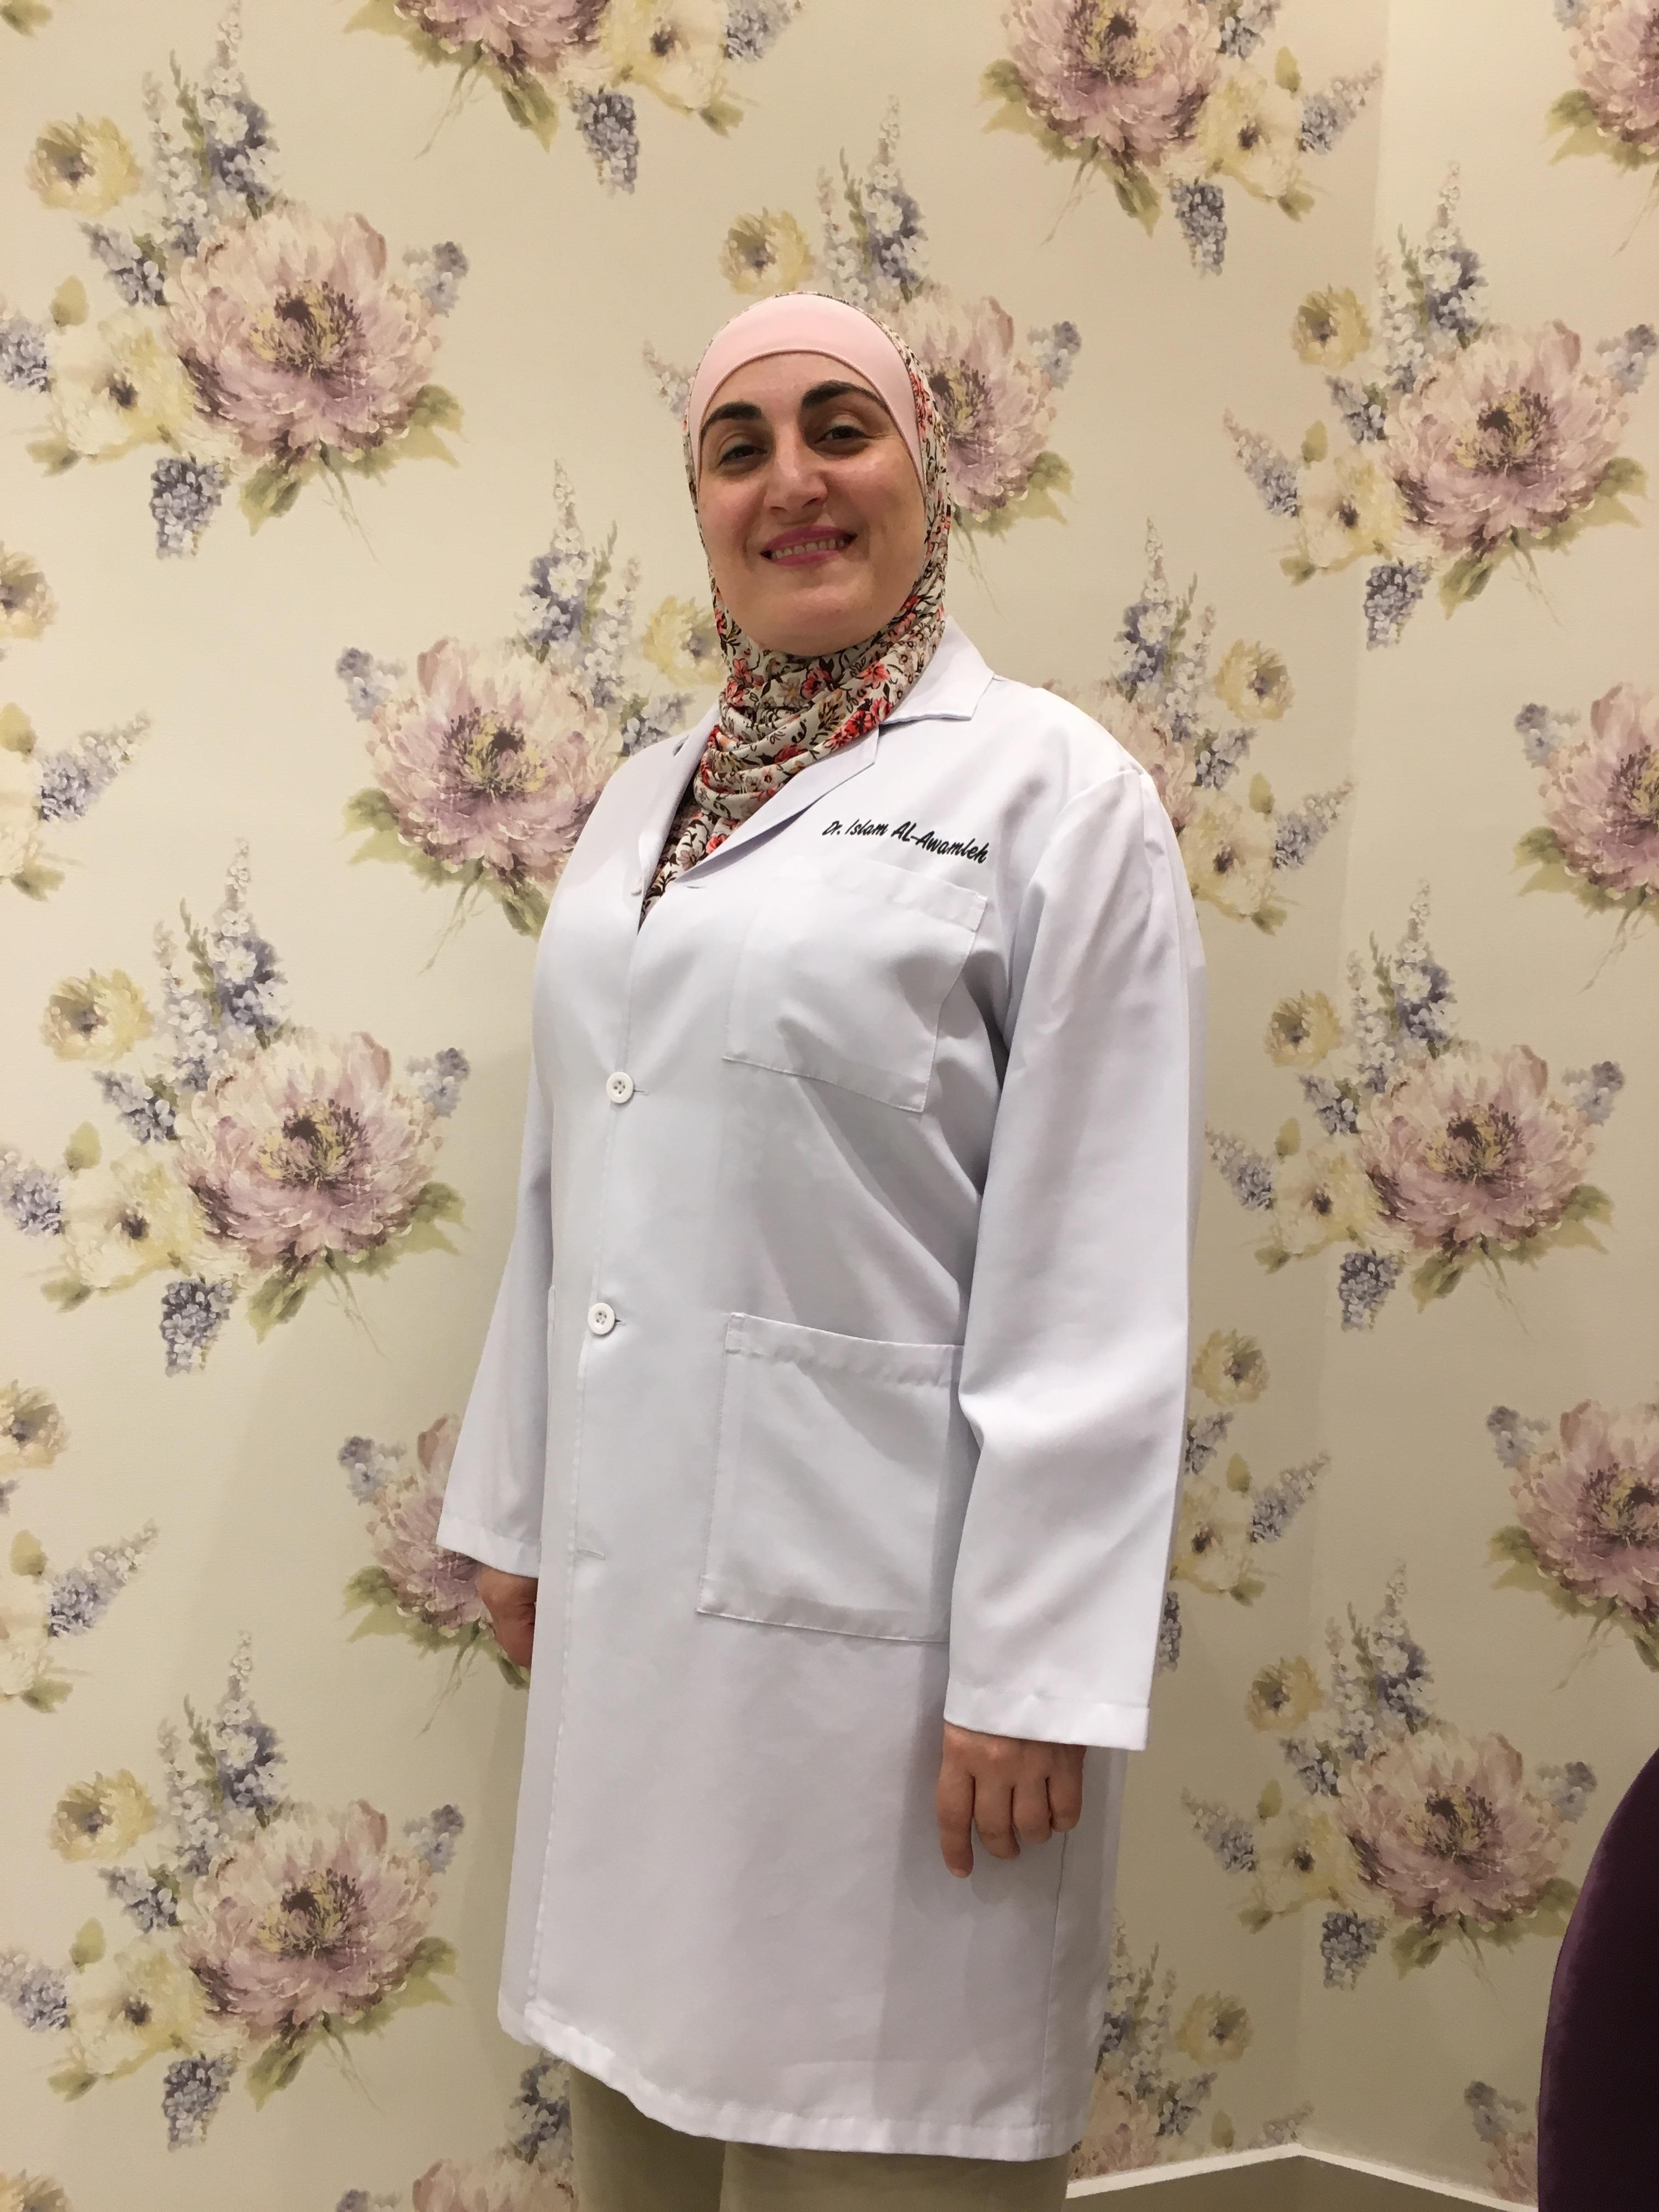 Dr Islam Ali Al-Awamleh